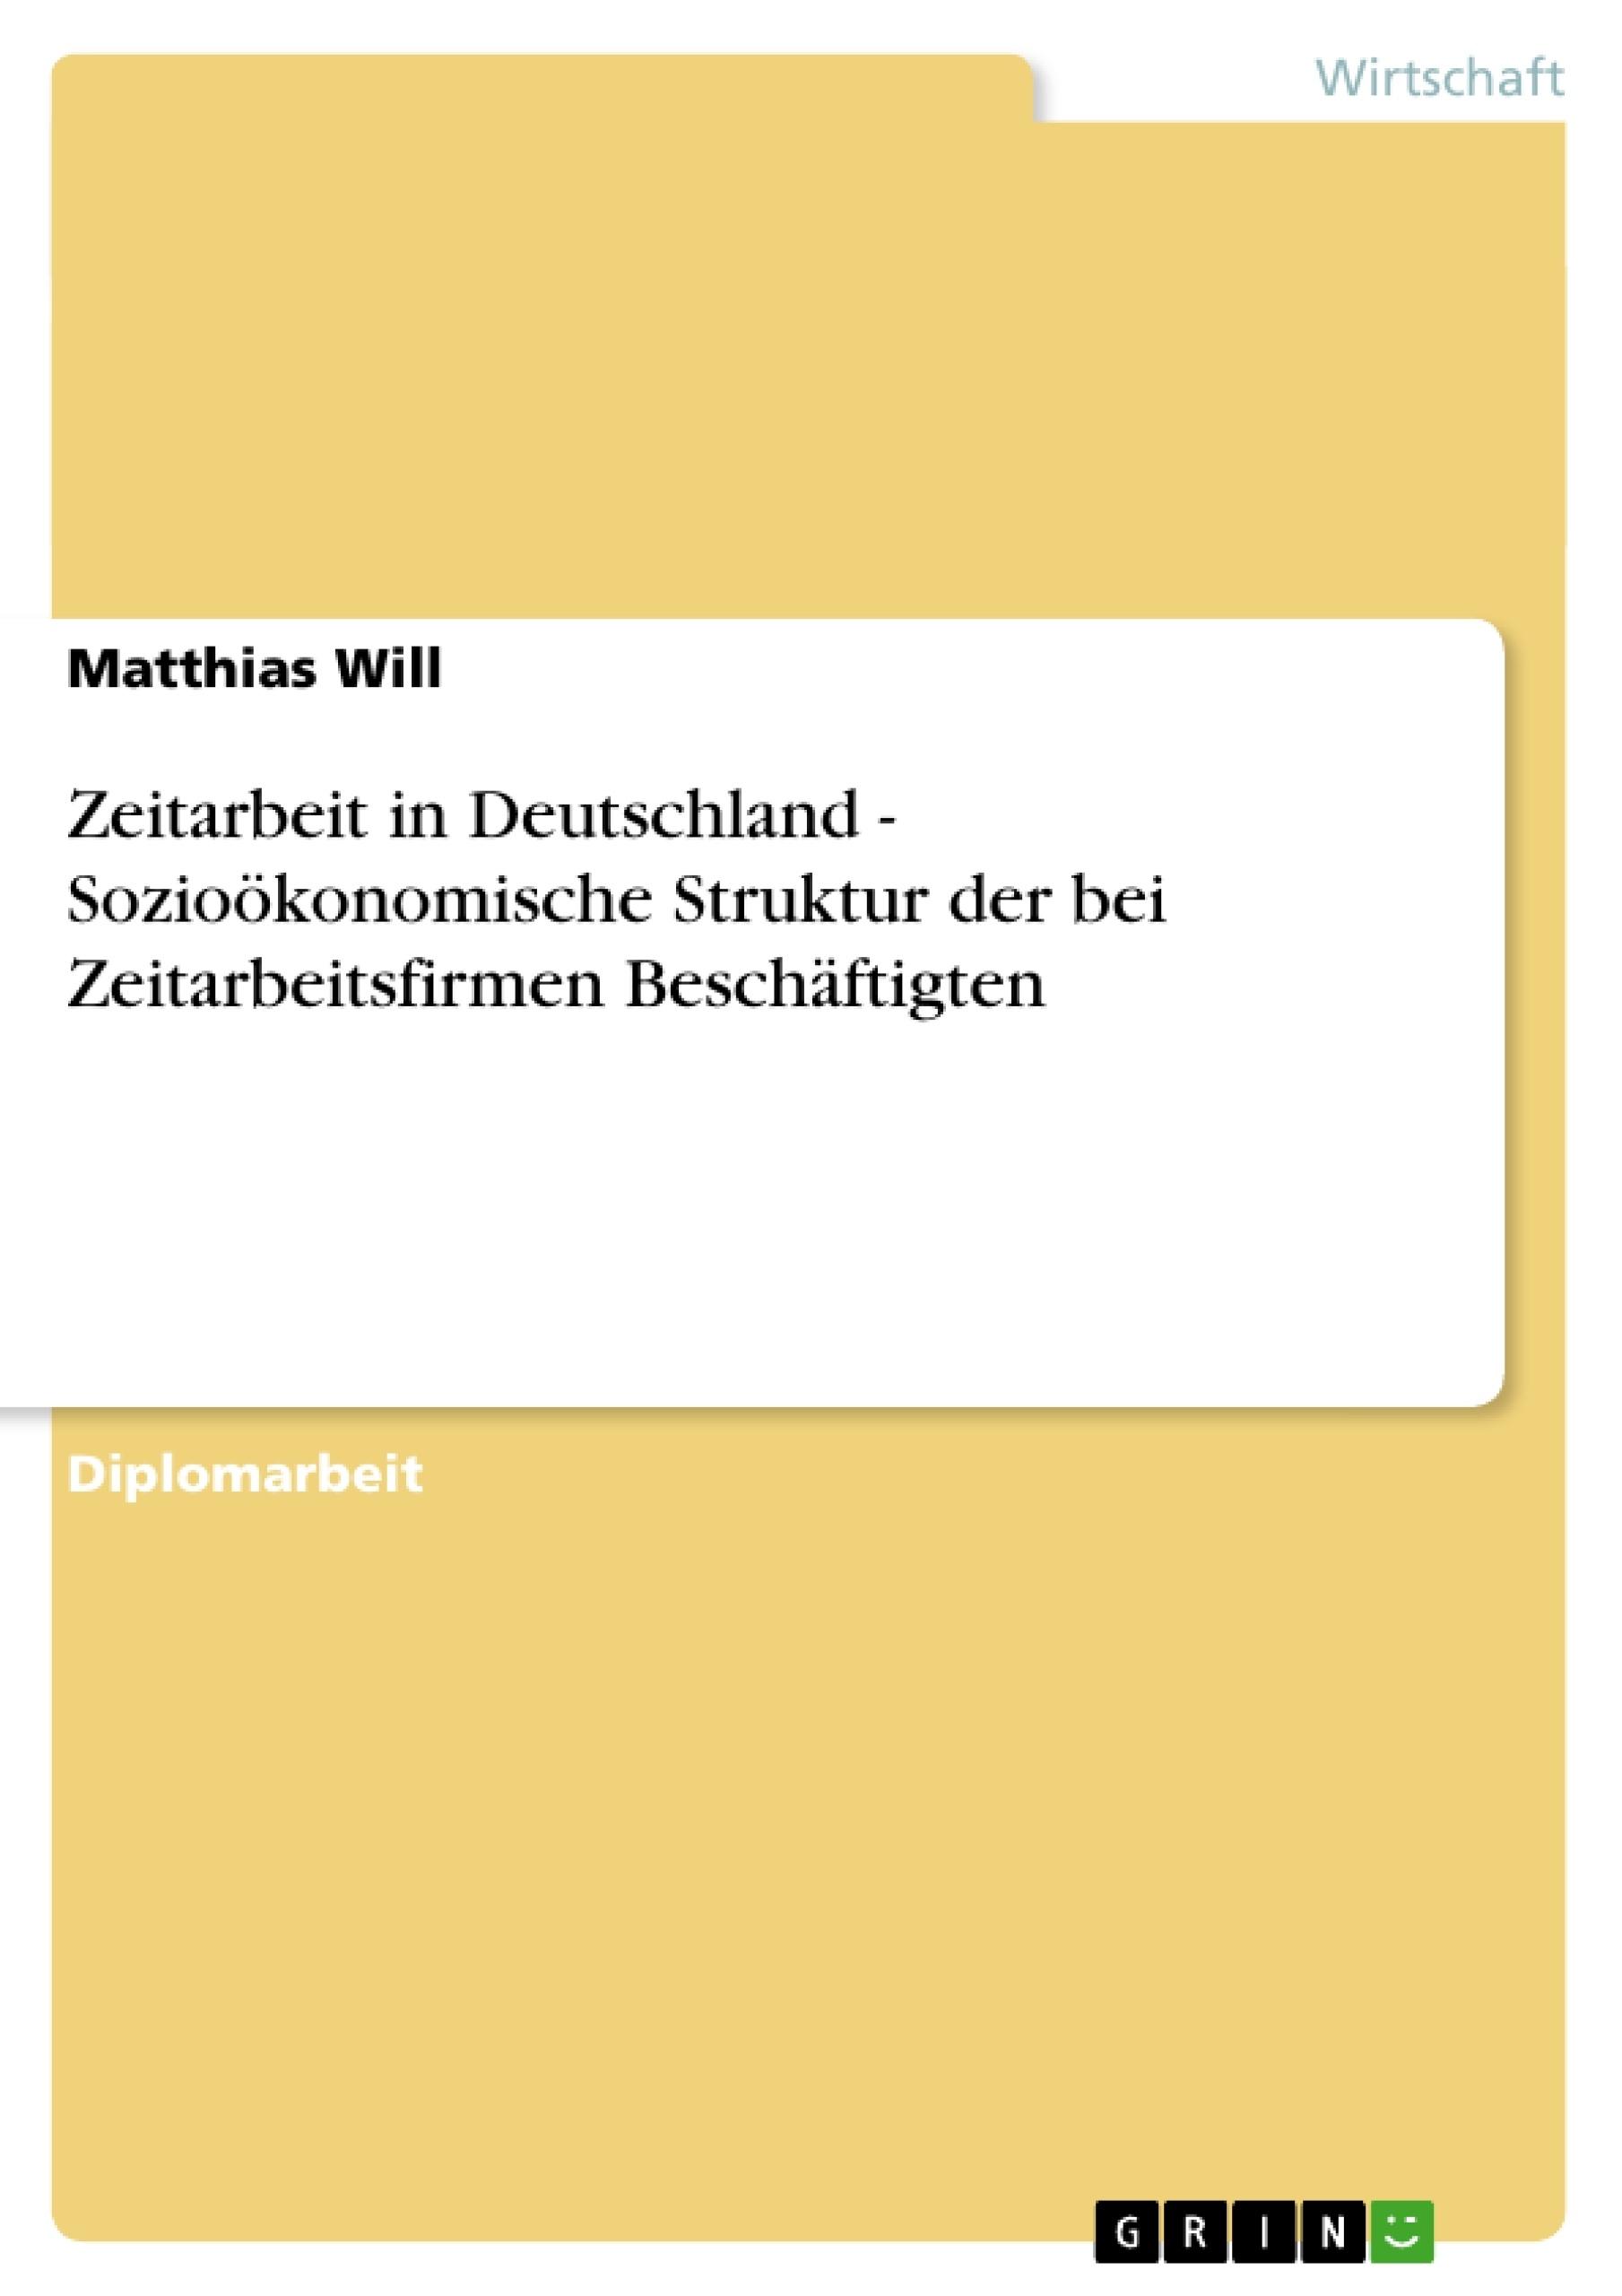 Titel: Zeitarbeit in Deutschland - Sozioökonomische Struktur der bei Zeitarbeitsfirmen Beschäftigten